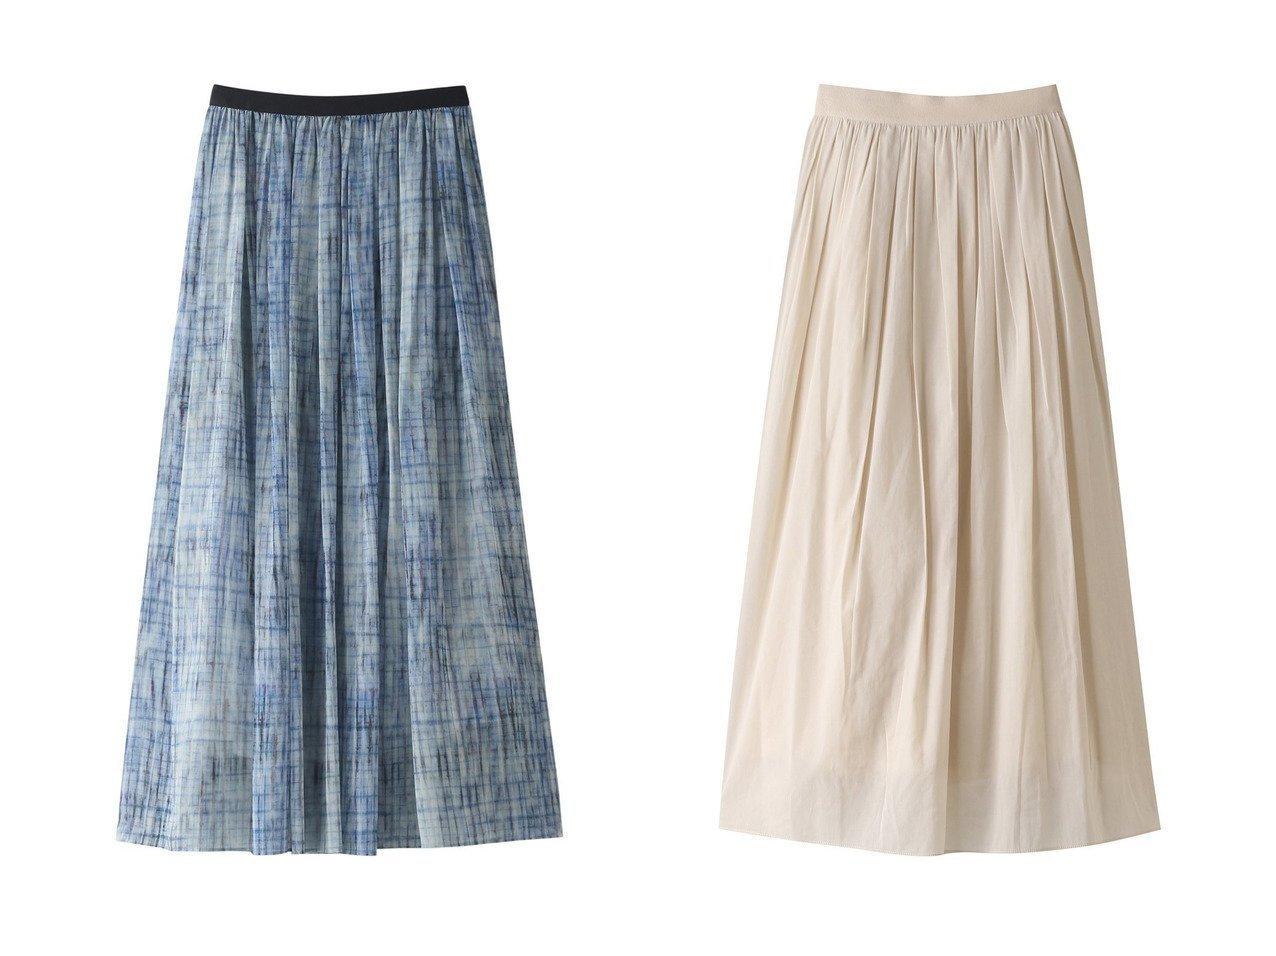 【1er Arrondissement/プルミエ アロンディスモン】のチェックフレアスカート&ギャザーロングスカート 【スカート】おすすめ!人気トレンド・レディースファッションの通販  おすすめで人気の流行・トレンド、ファッションの通販商品 メンズファッション・キッズファッション・インテリア・家具・レディースファッション・服の通販 founy(ファニー) https://founy.com/ ファッション Fashion レディースファッション WOMEN スカート Skirt ロングスカート Long Skirt Aライン/フレアスカート Flared A-Line Skirts S/S・春夏 SS・Spring/Summer おすすめ Recommend エアリー シアー シンプル セットアップ ロング 春 Spring  ID:crp329100000030905